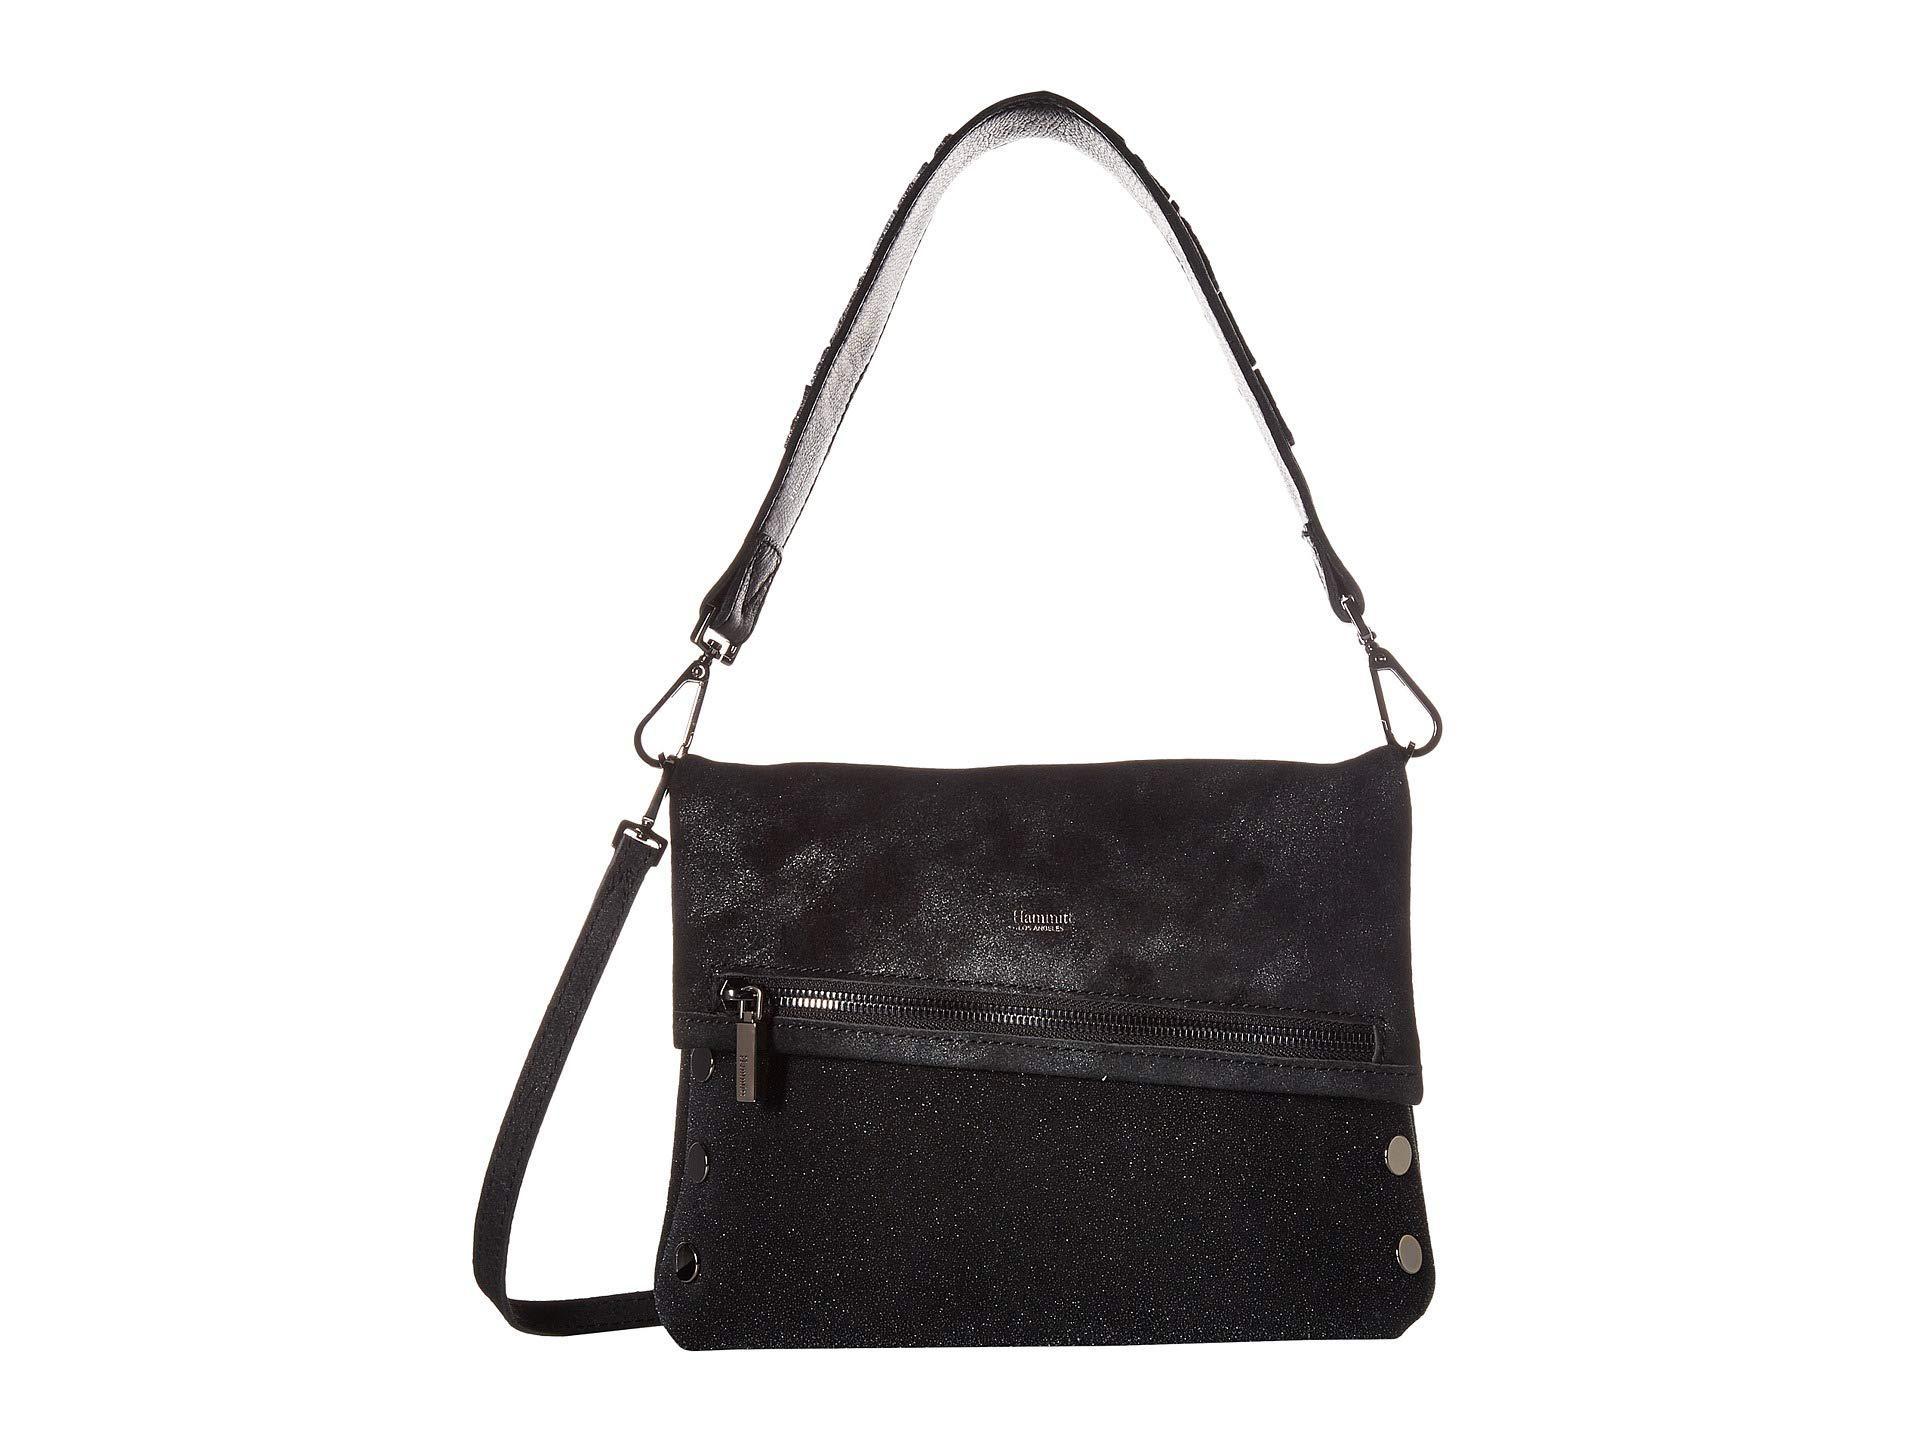 b884577098 Lyst - Hammitt Vip (natural) Cross Body Handbags in Blue